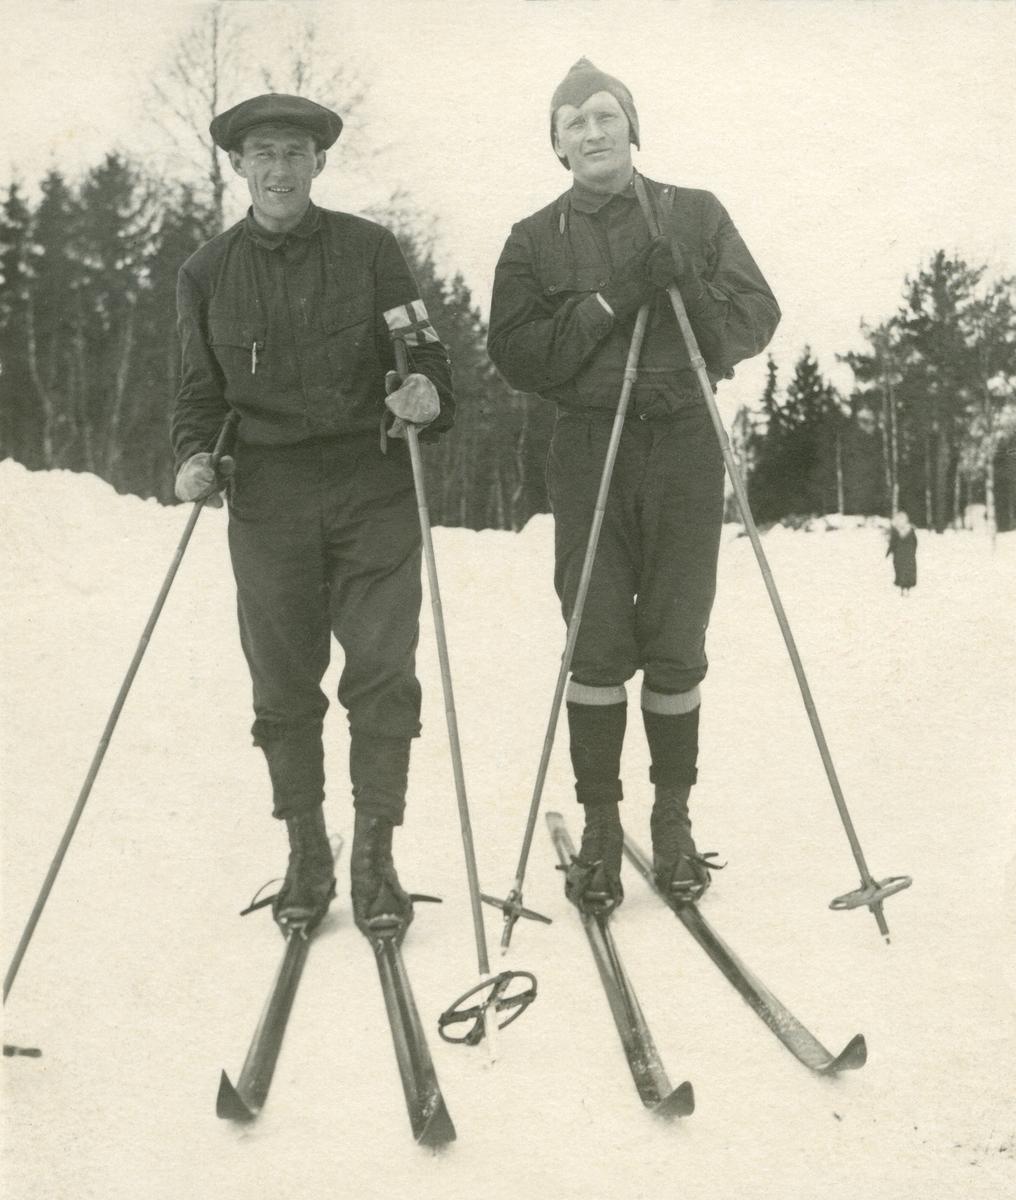 Seierherrene fra Vasaloppet 1928. Veterstrøm og Hedlund.